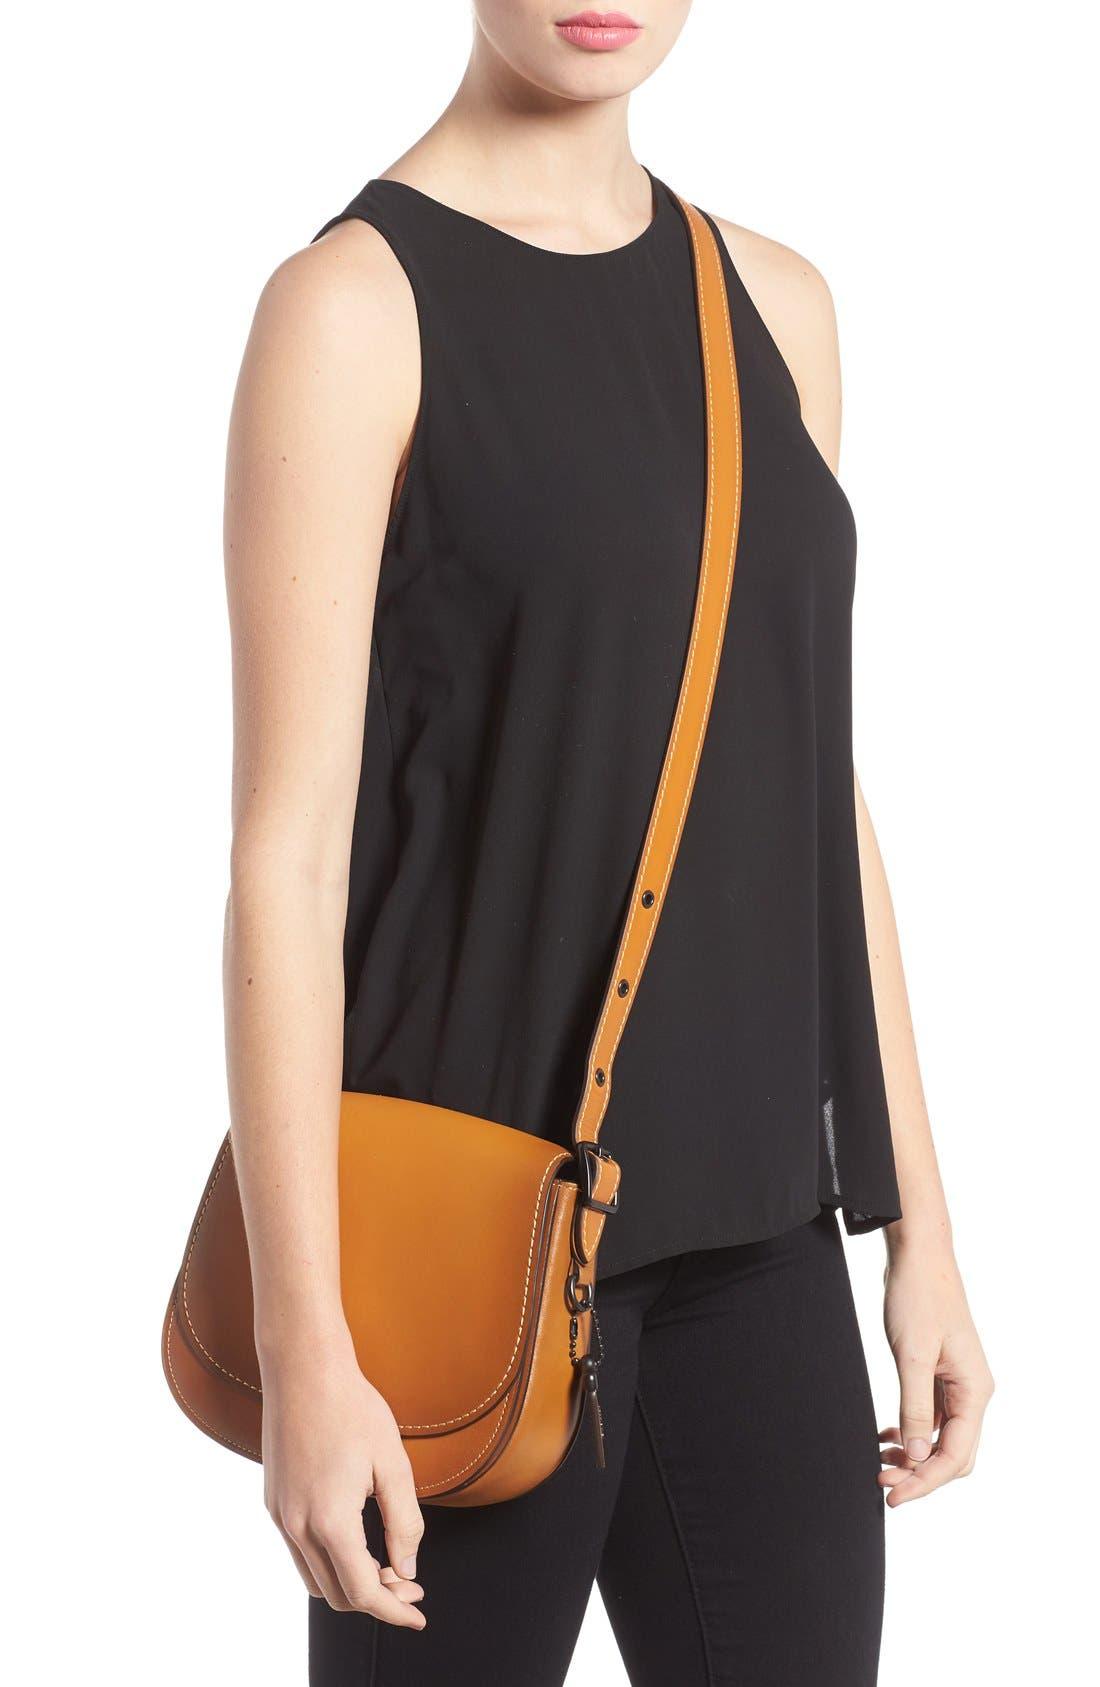 '23' Leather Saddle Bag,                             Alternate thumbnail 2, color,                             Butterscotch